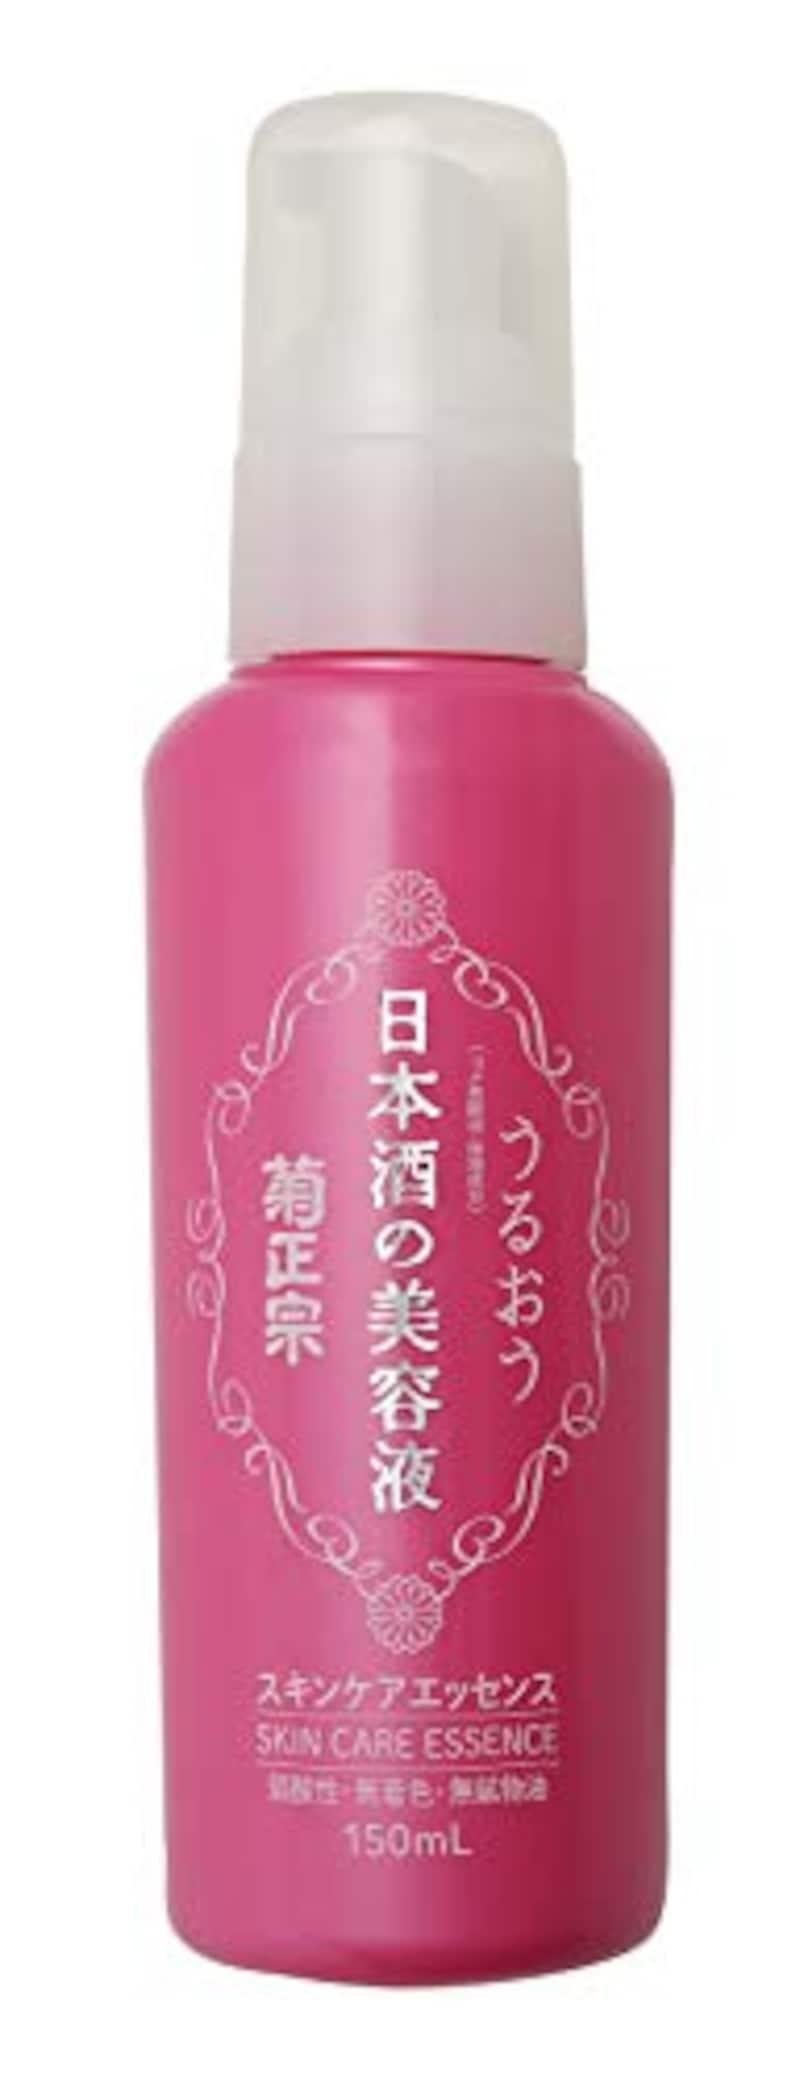 菊正宗,日本酒の美容液